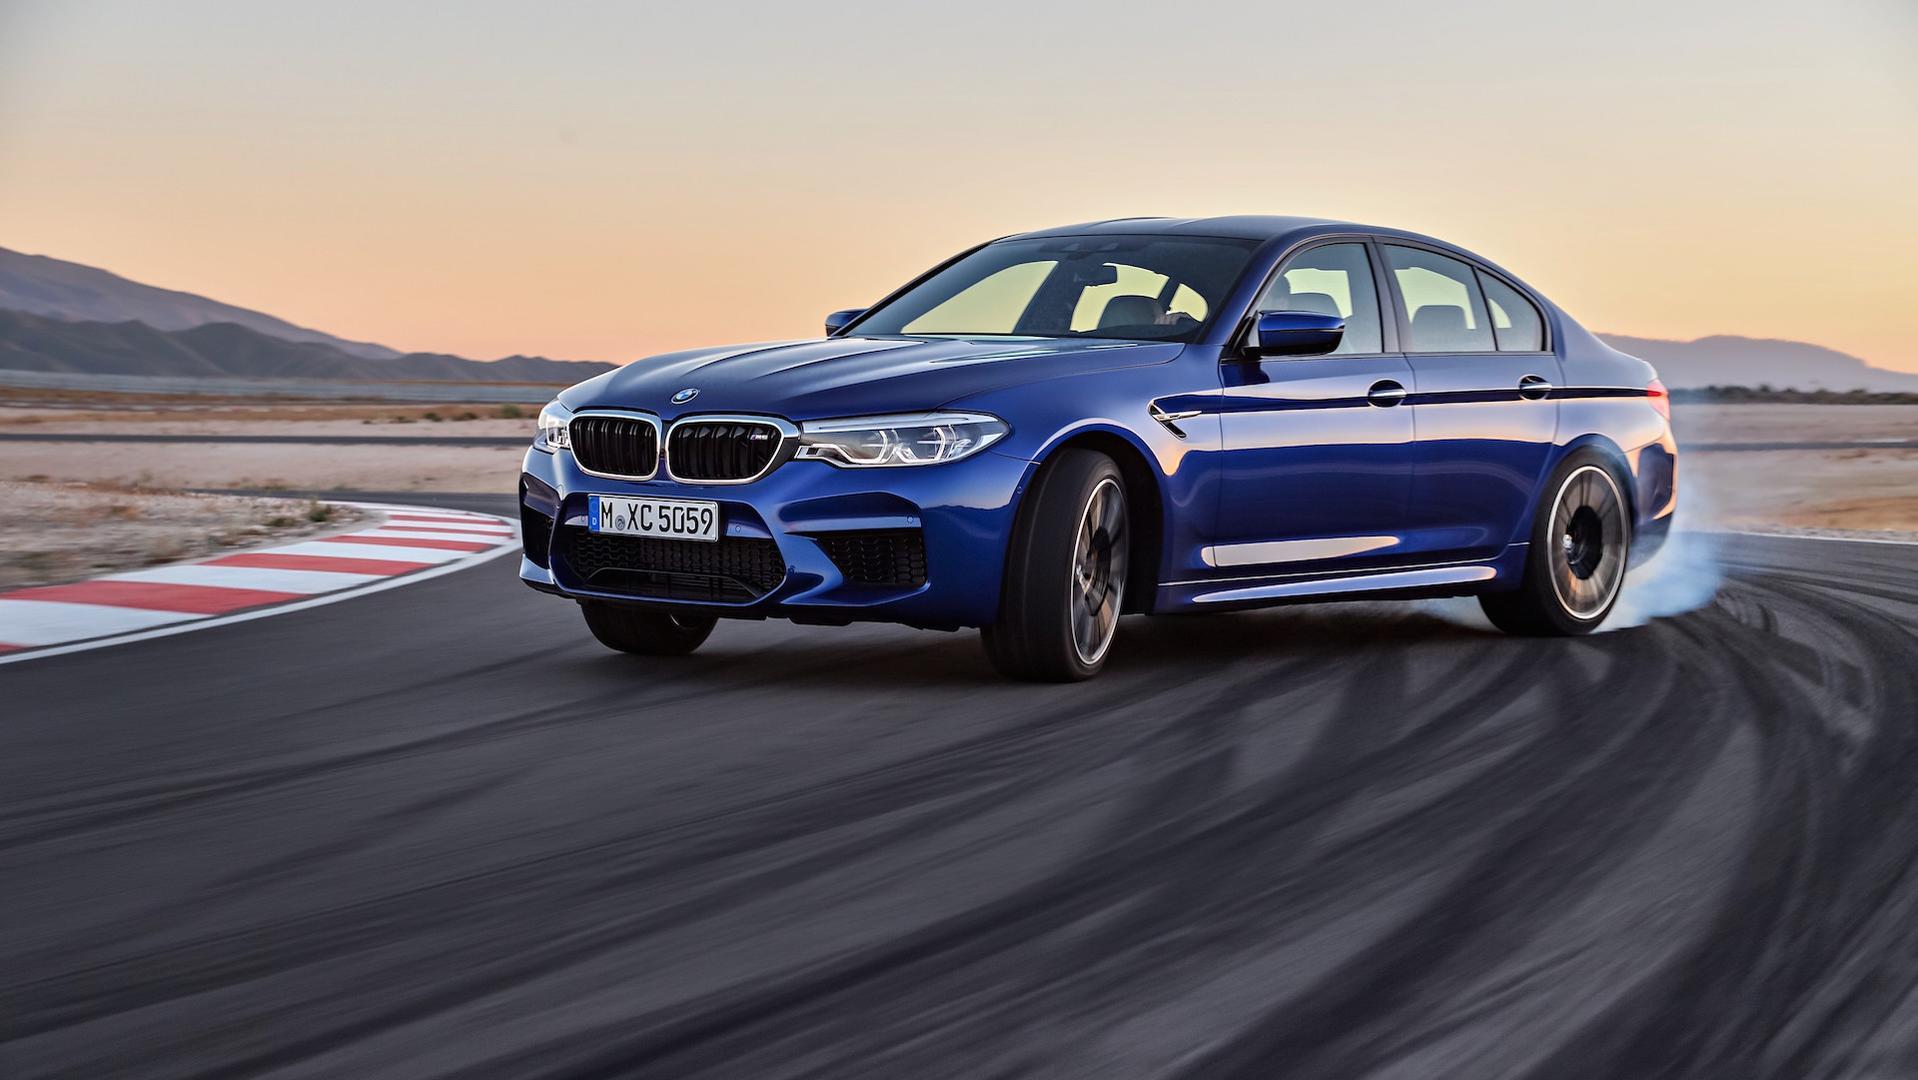 Novi BMW M5 sada i zvanično (galerija i video)